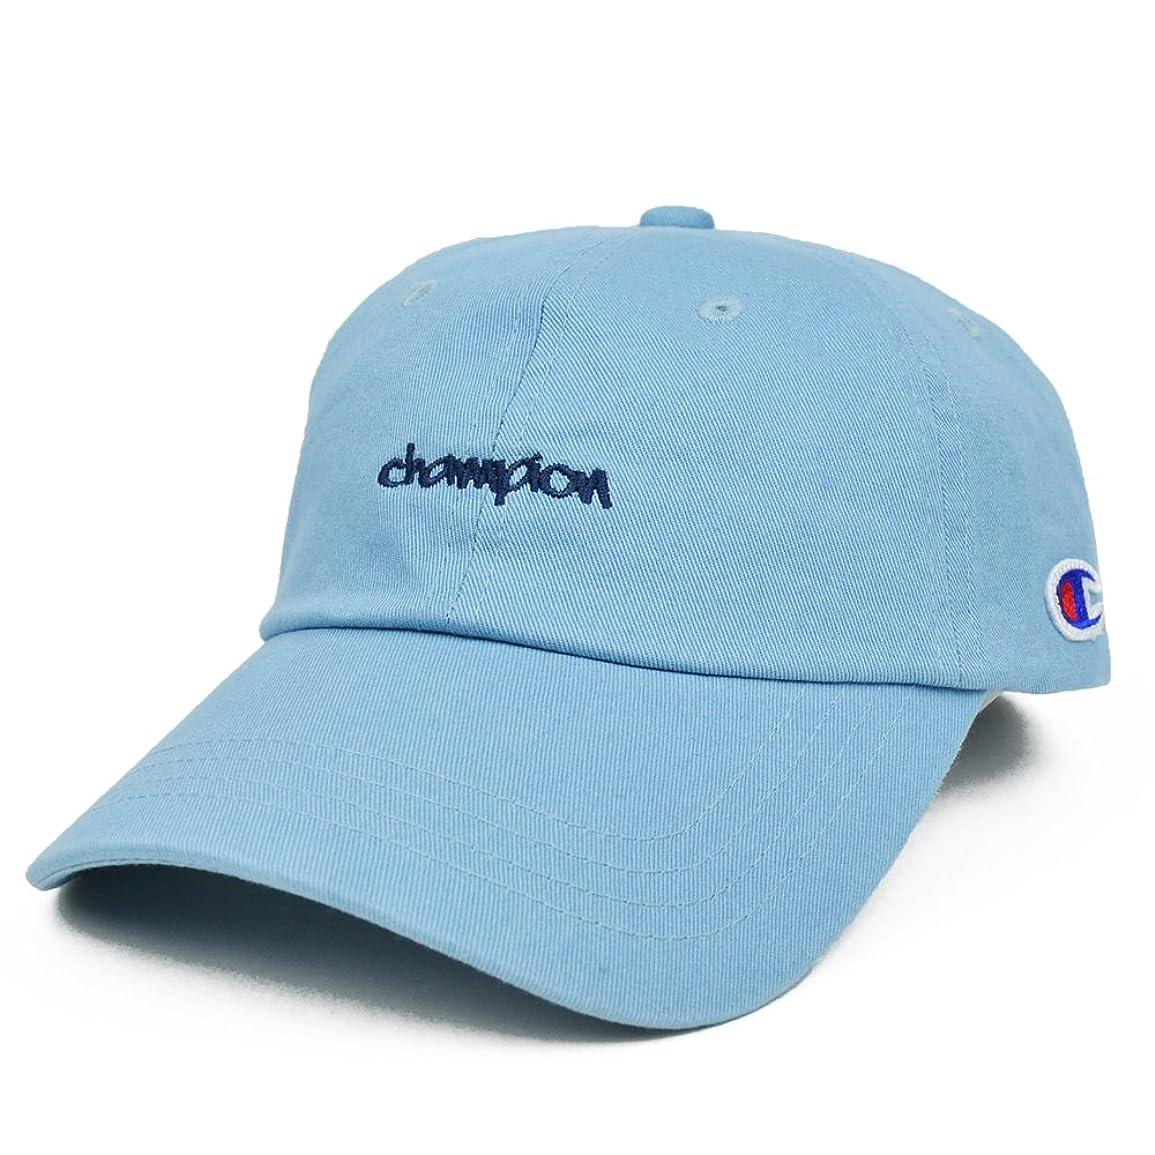 端課税象(チャンピオン) CHAMPION 6-PANEL STRAPBACK CAP キャップ ONESIZE Light Blue